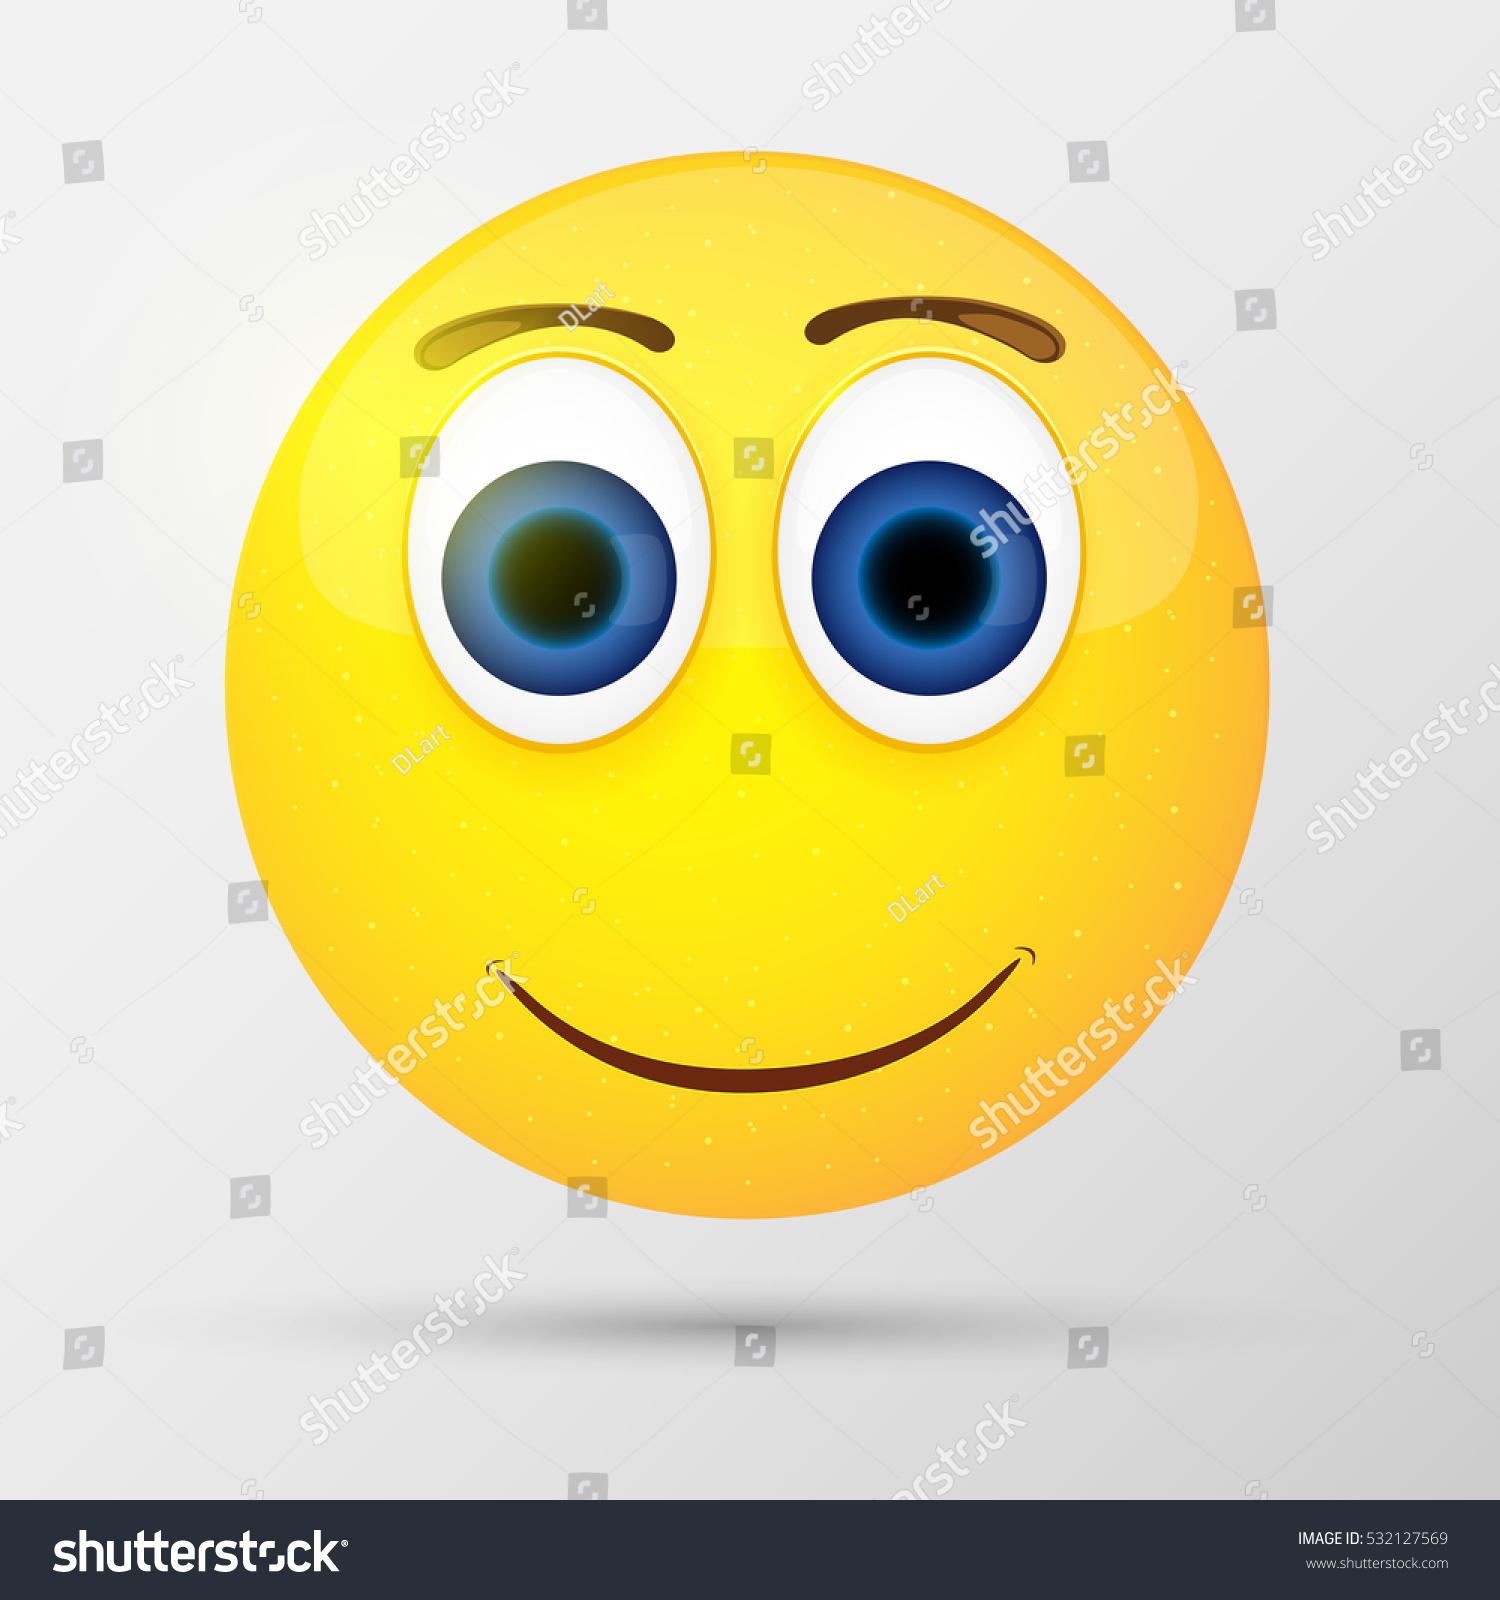 Cute Smiling Emoticon Emoji Smiley Vector Stock Vector